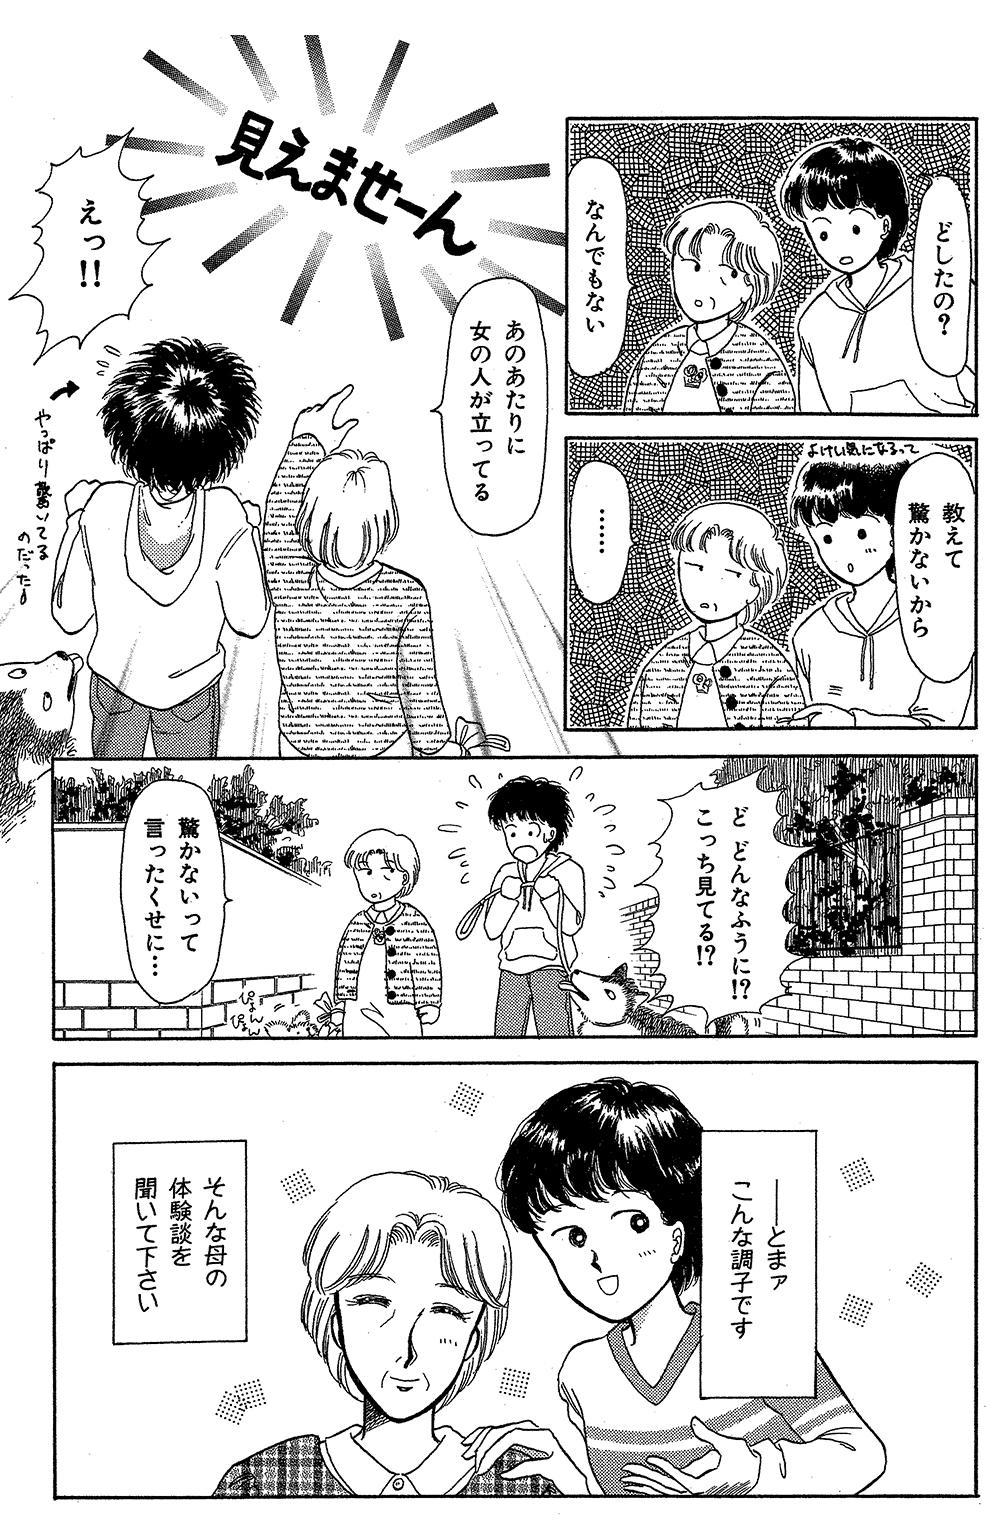 霊感ママシリーズ 第1話「花の陰影」①reikan03.jpg